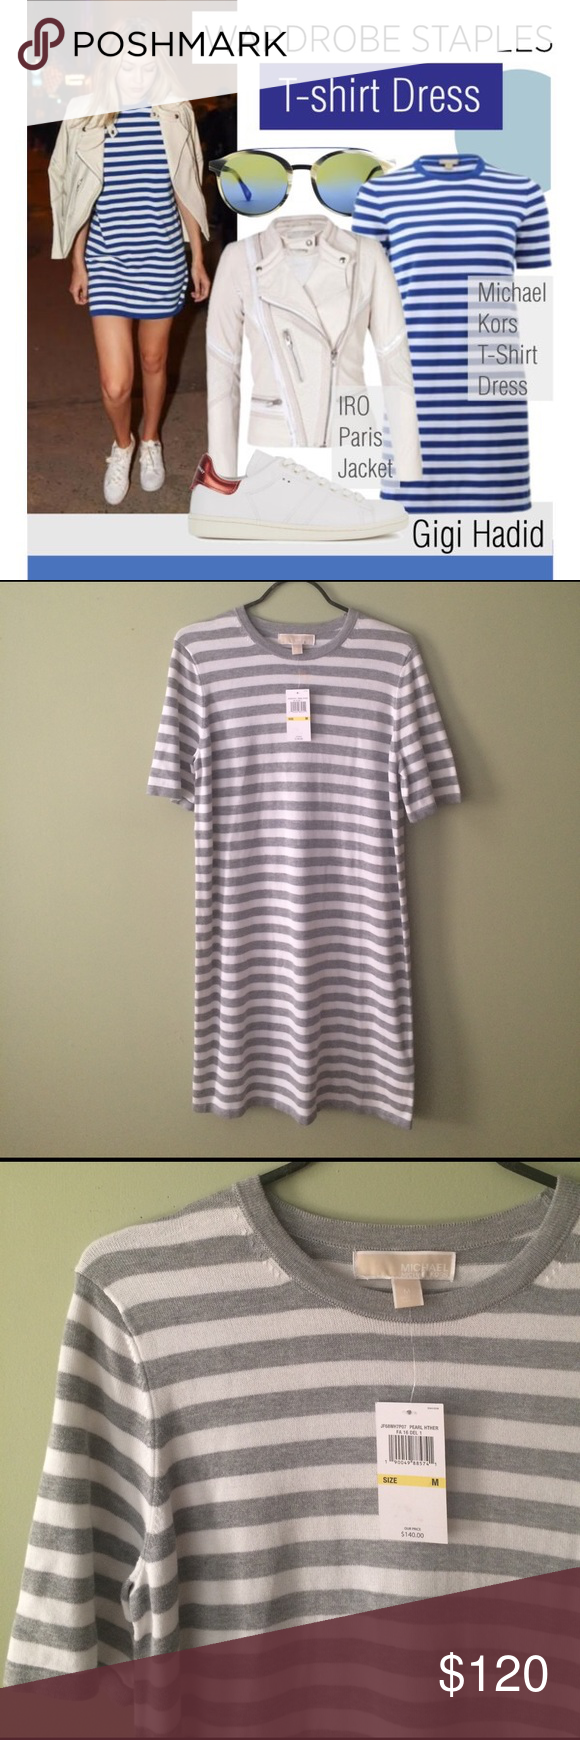 Michael kors dress michael kors striped t shirt dress lightweight